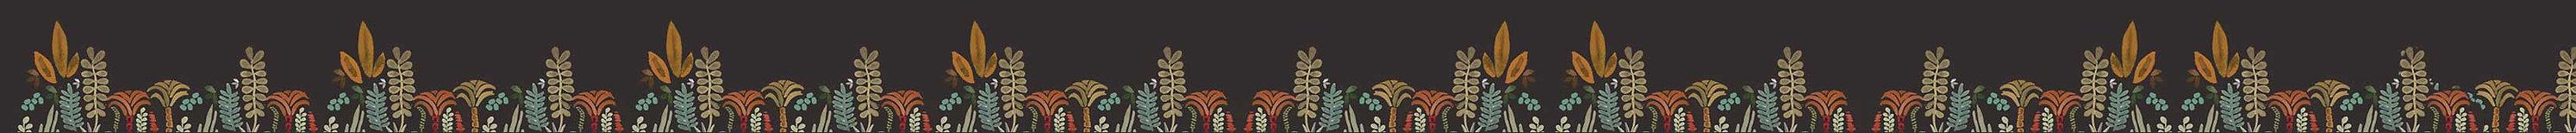 textura-franja.jpg